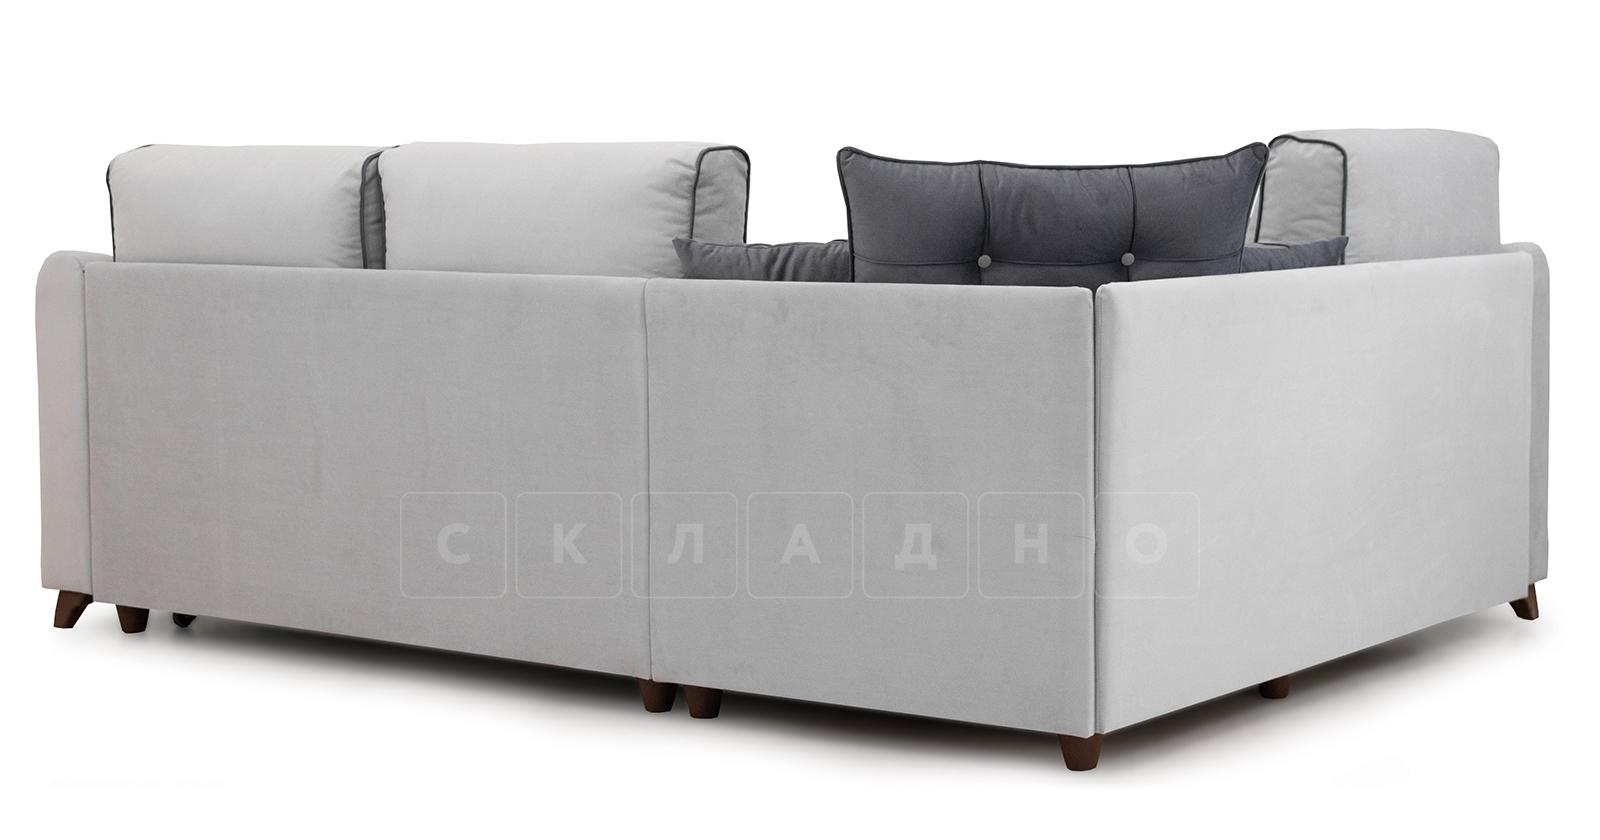 Диван-кровать угловой Флэтфорд светло-серый фото 4 | интернет-магазин Складно